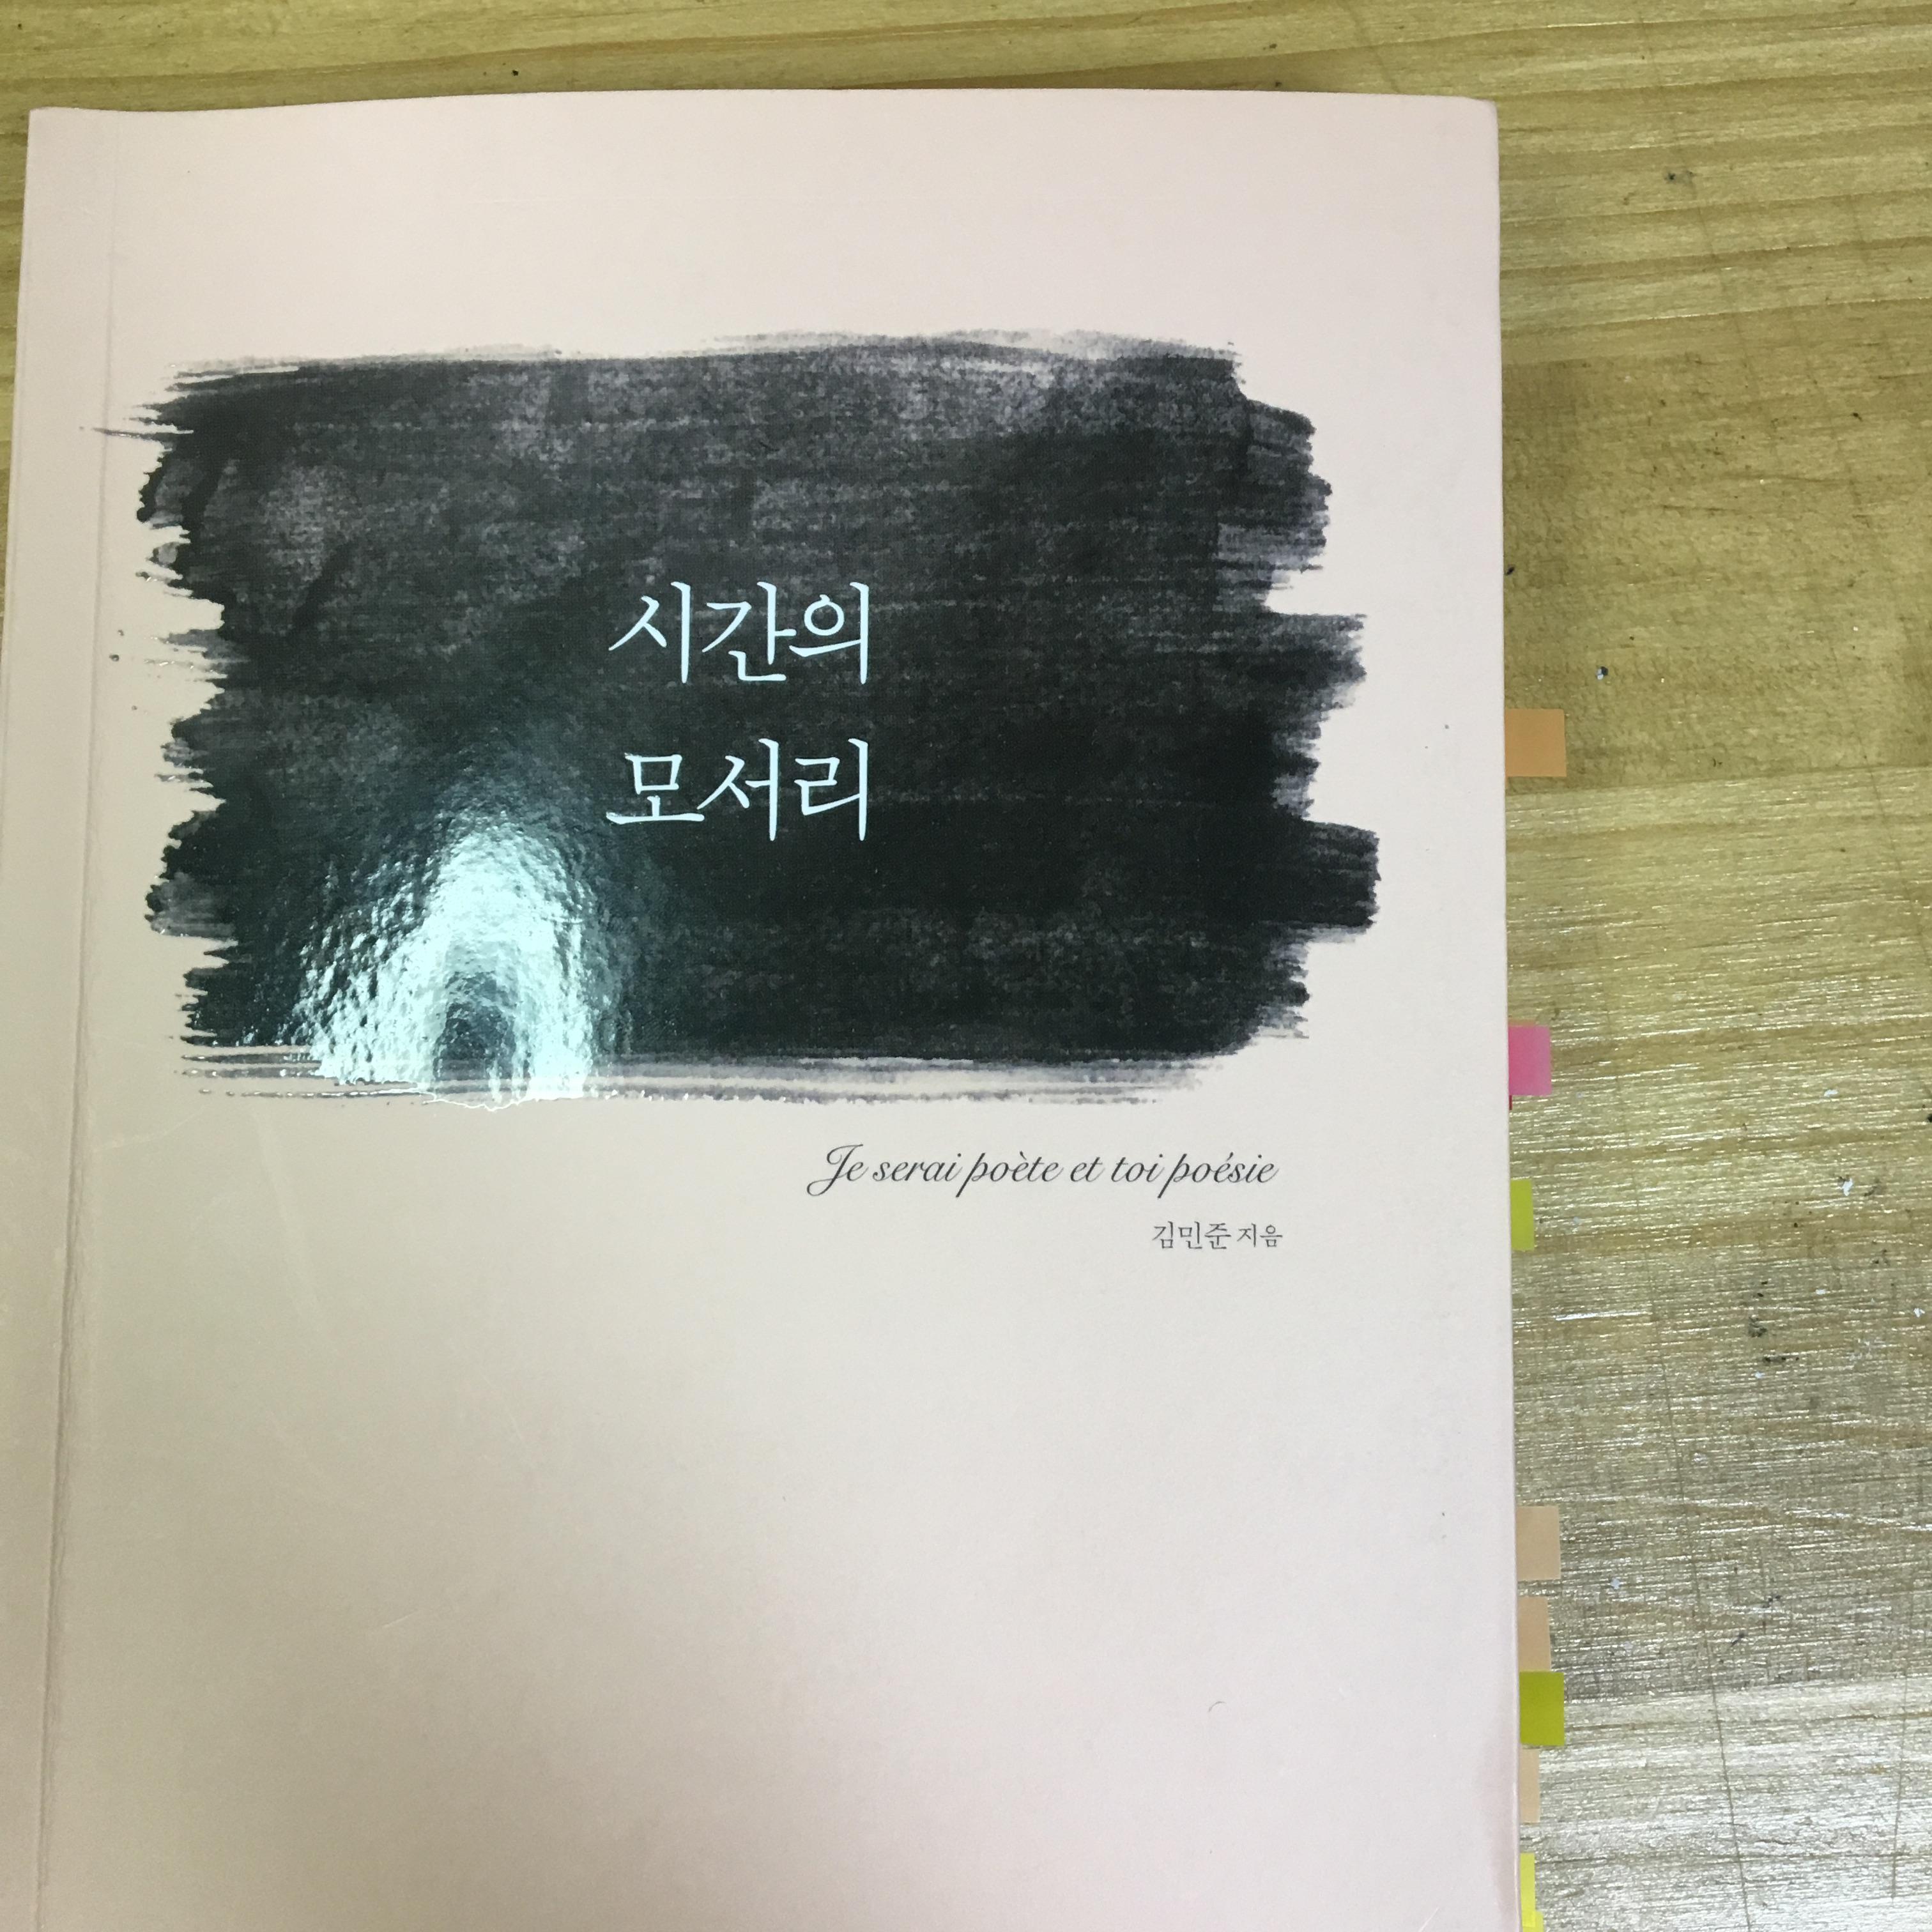 몫이 느껴지는 시간 - 시간의 모서리, 김민준